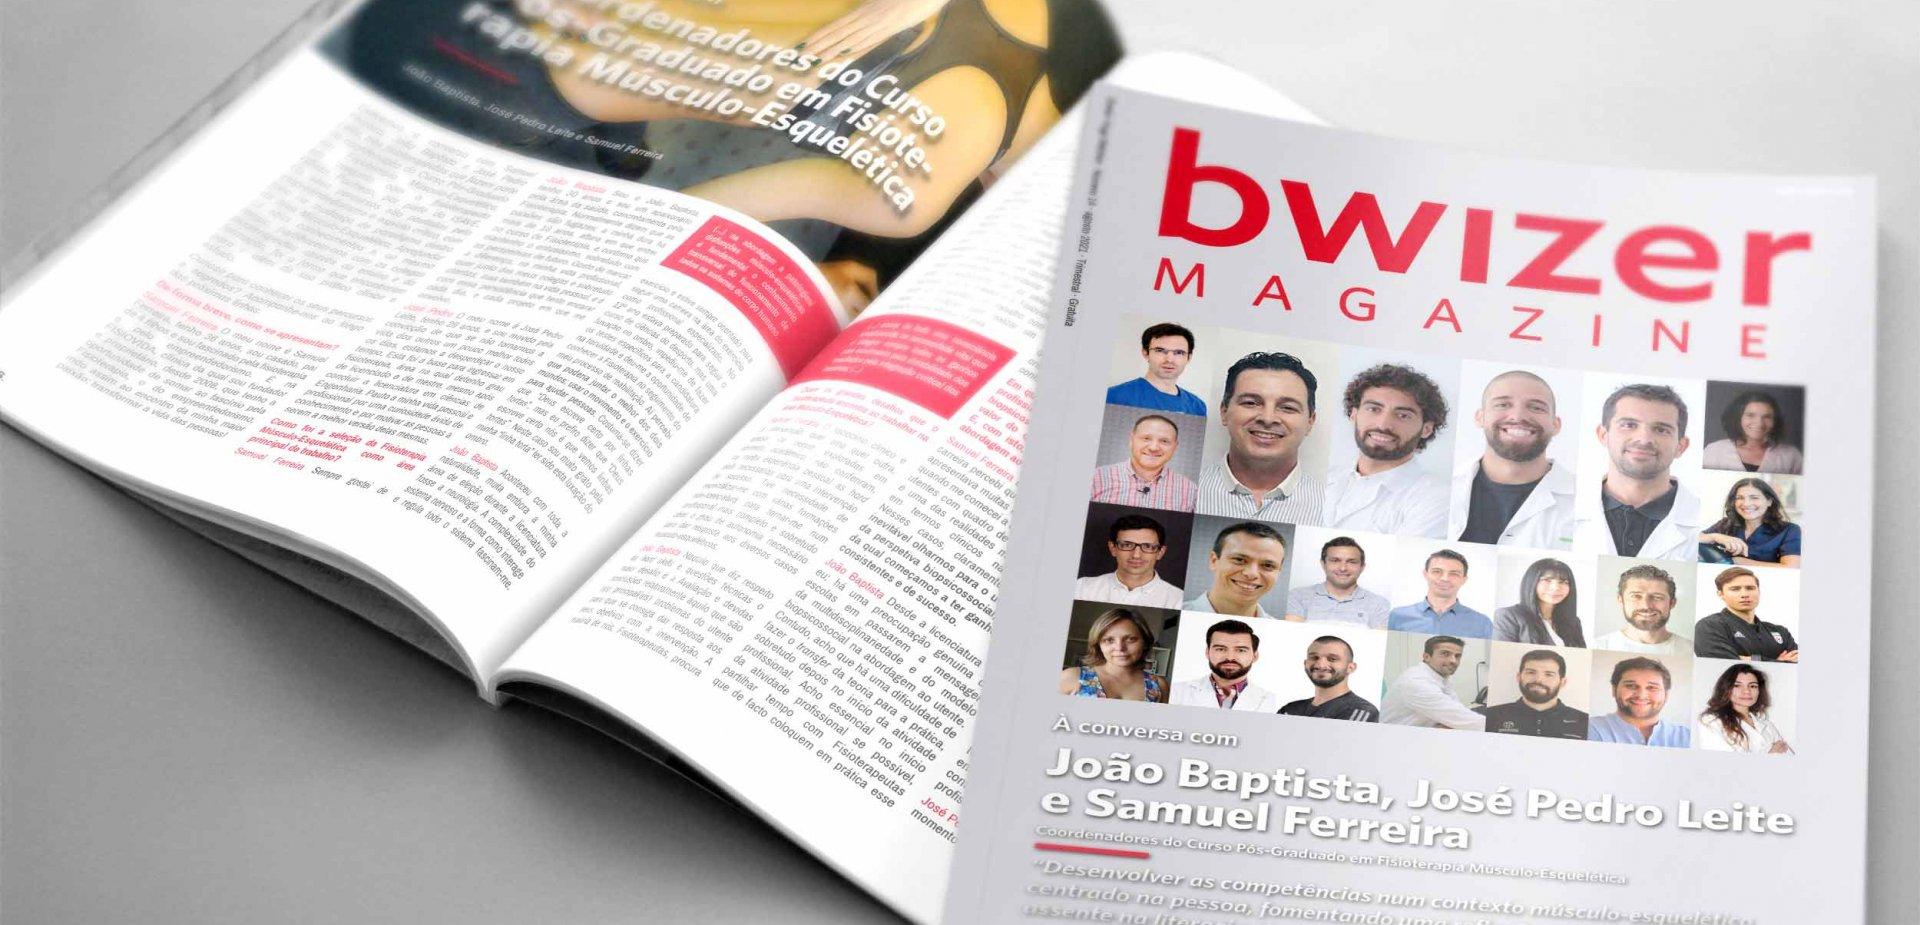 À conversa com Samuel Ferreira, João Baptista e José Pedro Leite (Bwizer Magazine)